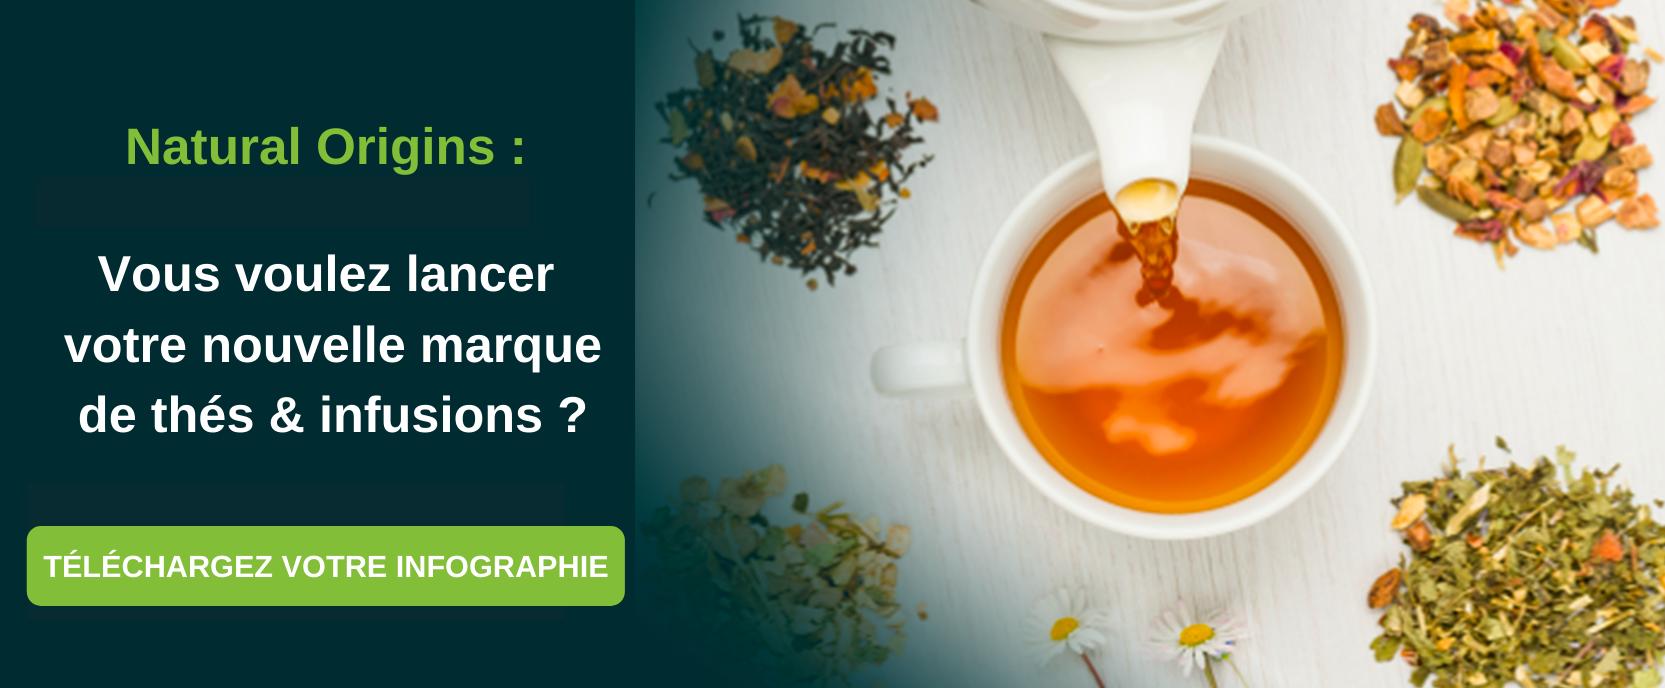 téléchargez l'infographie pour lancer votre nouvelle marque de thés et infusions